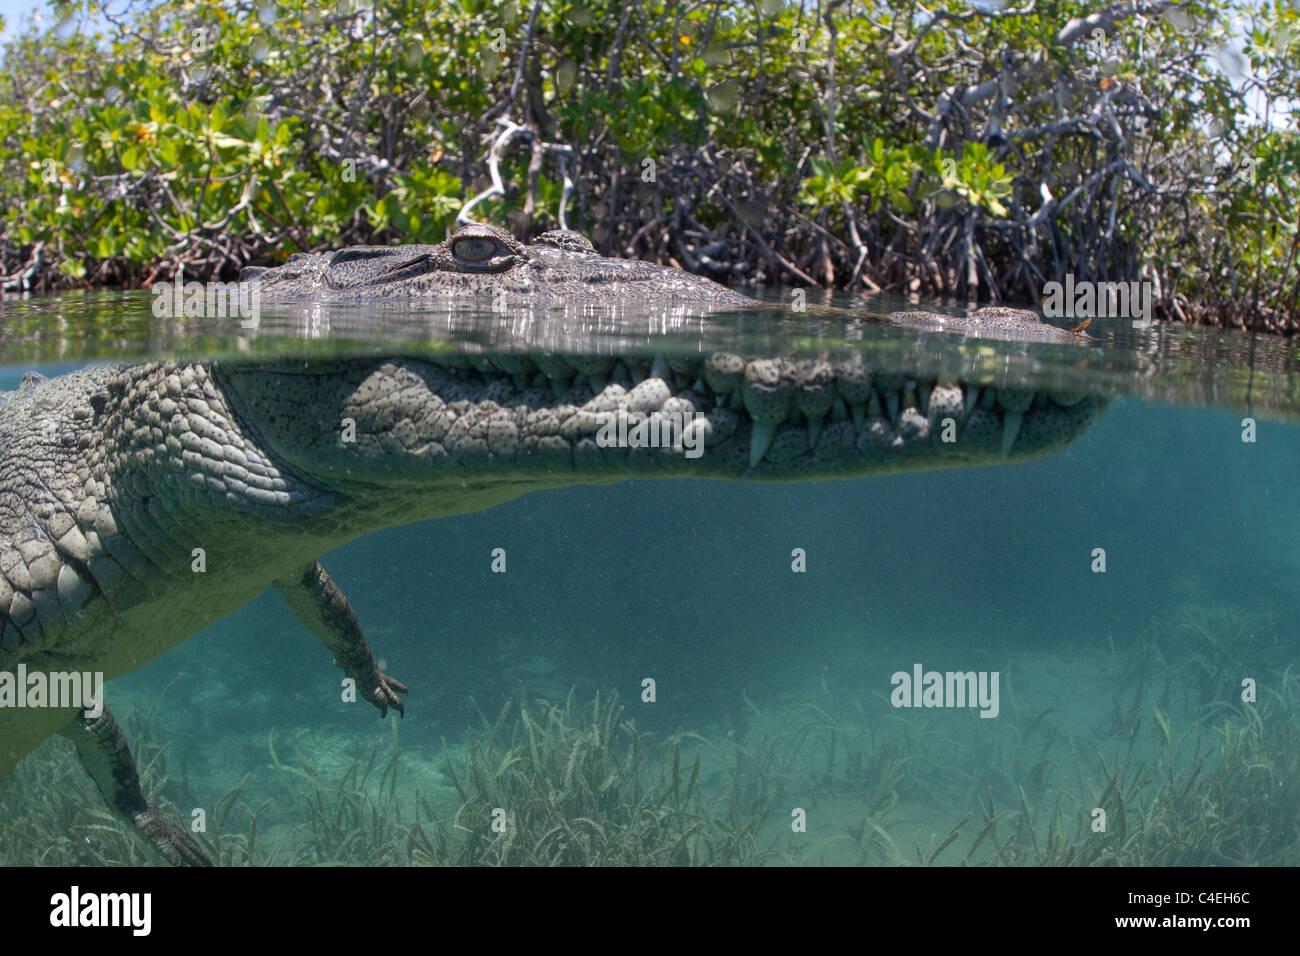 Une vue sur l'eau d'un crocodile cubain nageant à travers une forêt de mangrove au large des côtes Photo Stock